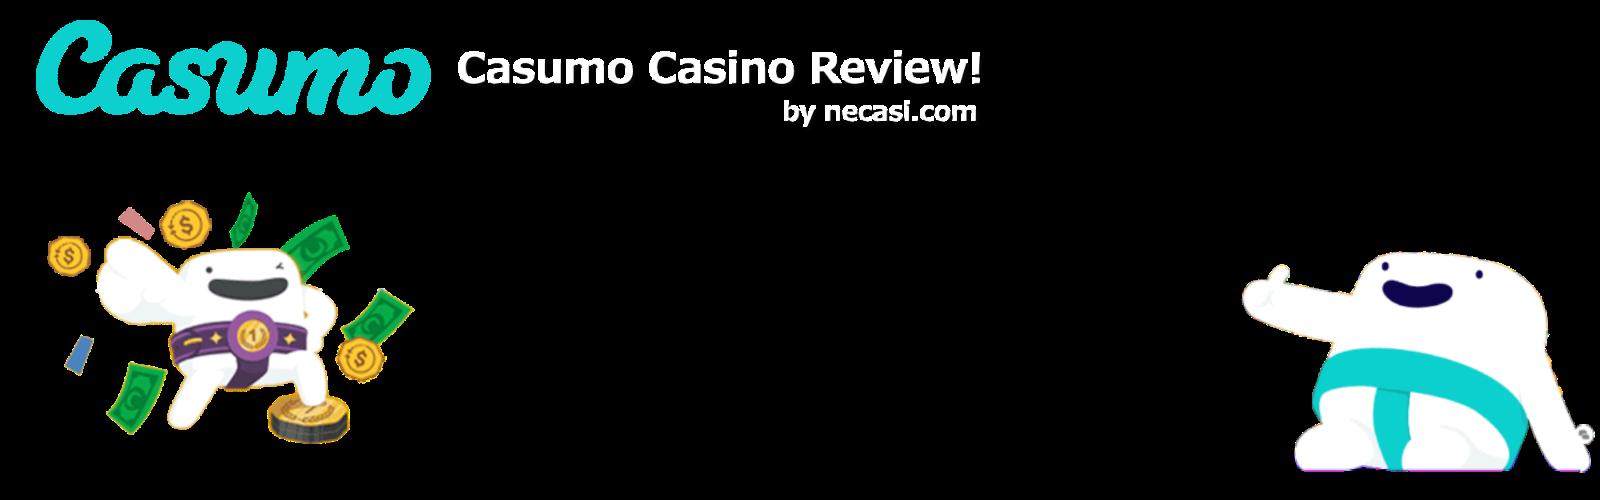 オンラインカジノCasumo-カスモレビューヘッダー